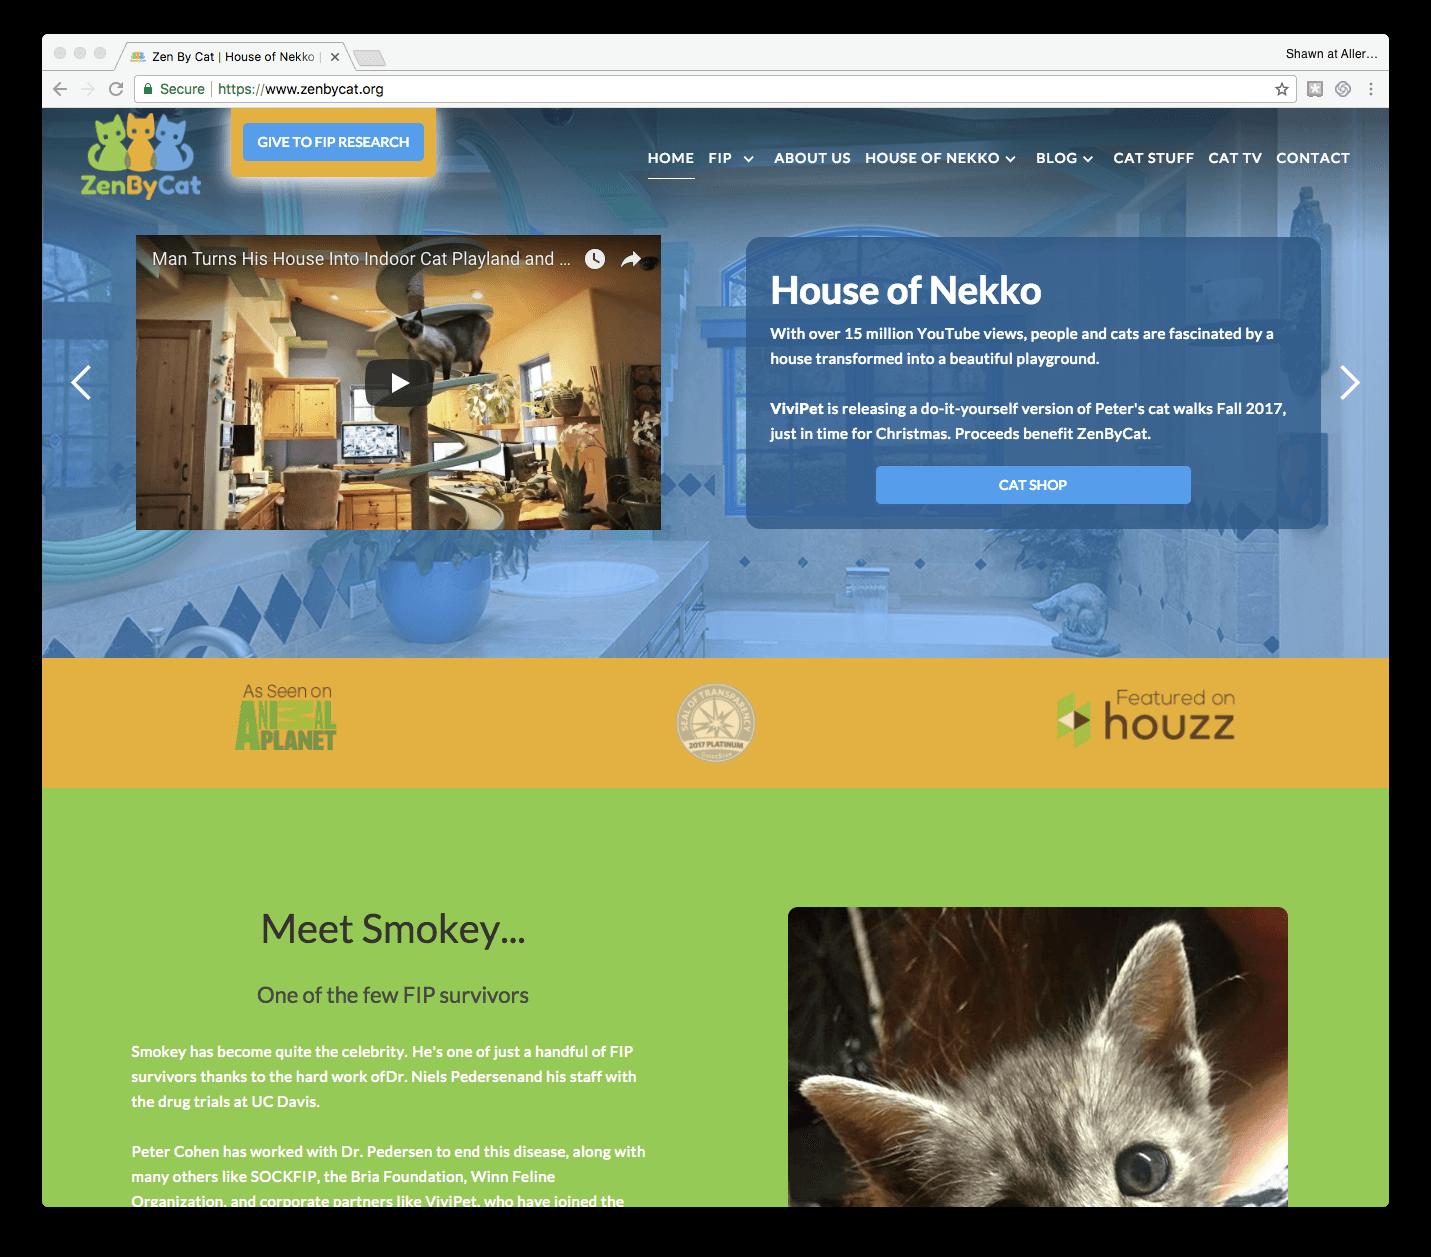 ZenbyCat website